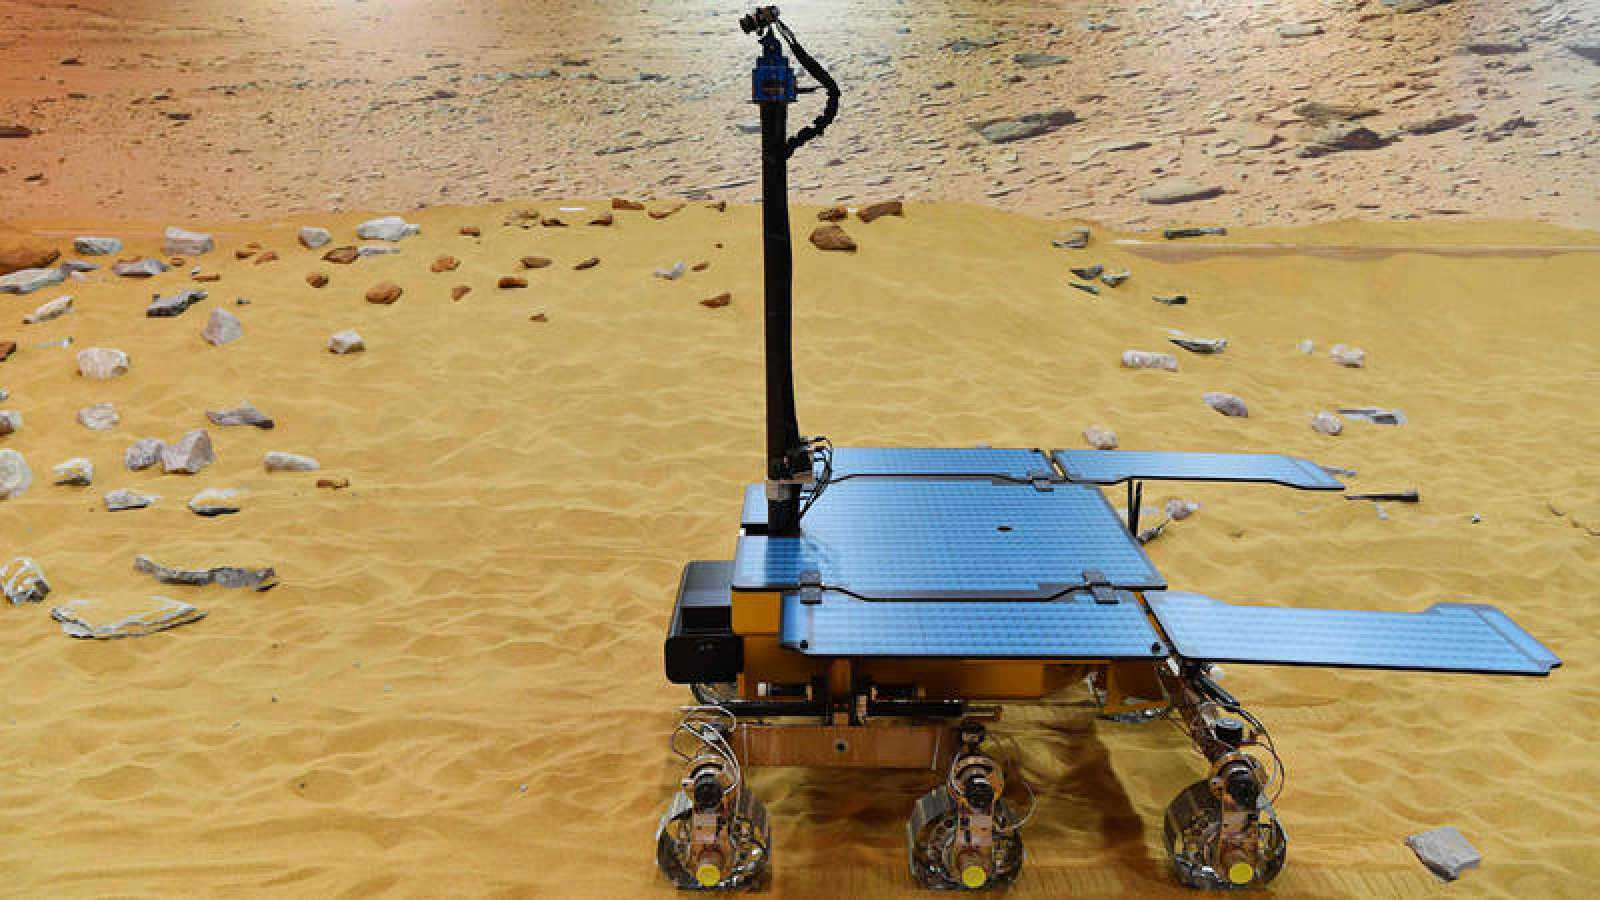 Está previsto que el robot explorador Rosalind Franklin se pose en Marte en marzo de 2021.